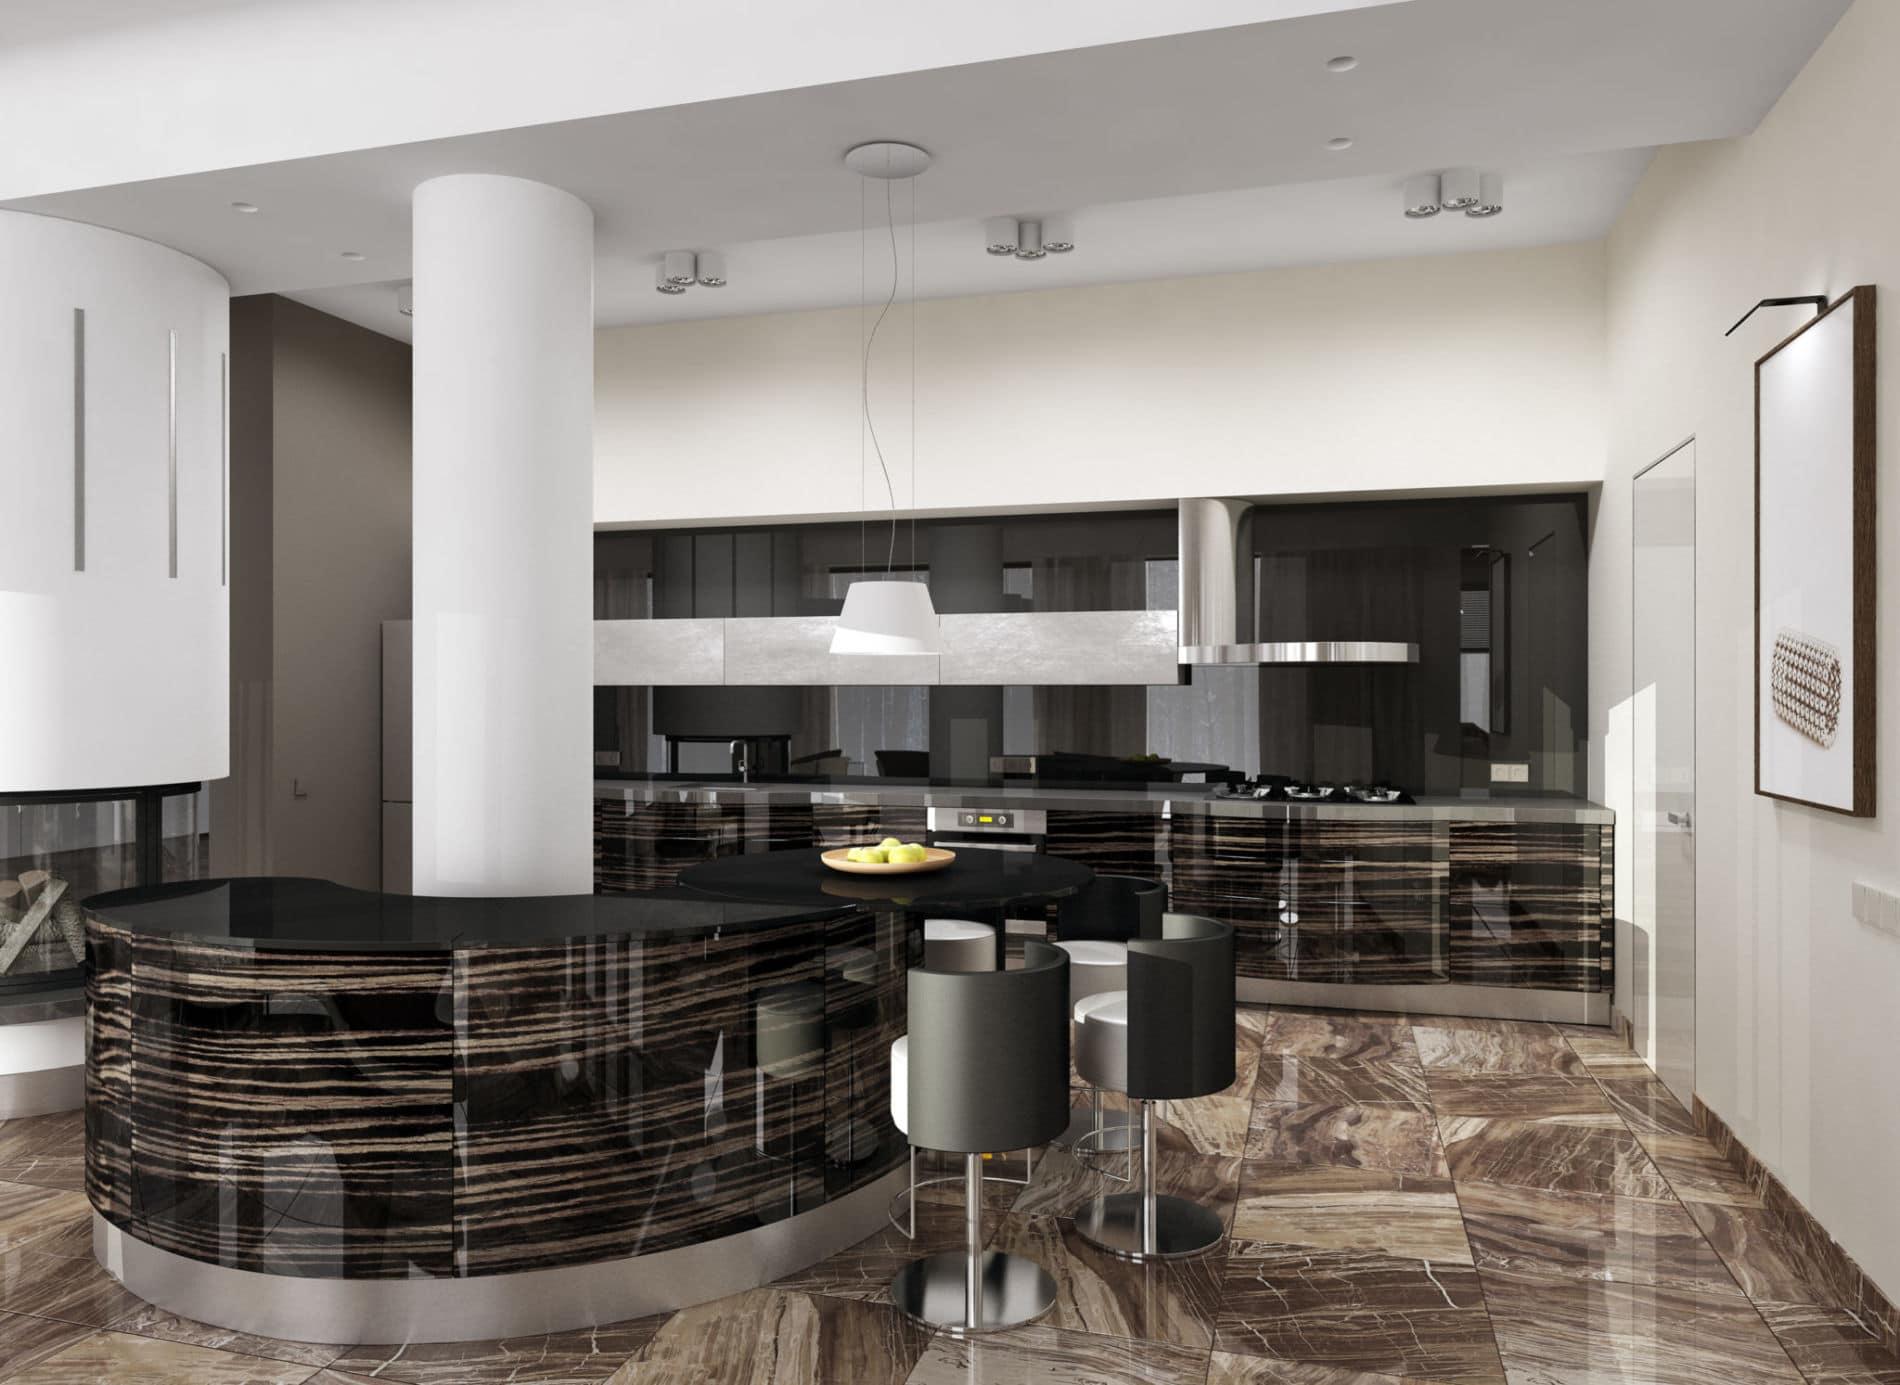 מטבחים מעץ תאורה למטבחים אדיבים עם רצון לתת שירות טוב ומקצועי ומומחים להקמת אי במטבח מכל חומר תוך כדי התקנת חיבור גז תיקני במטבח